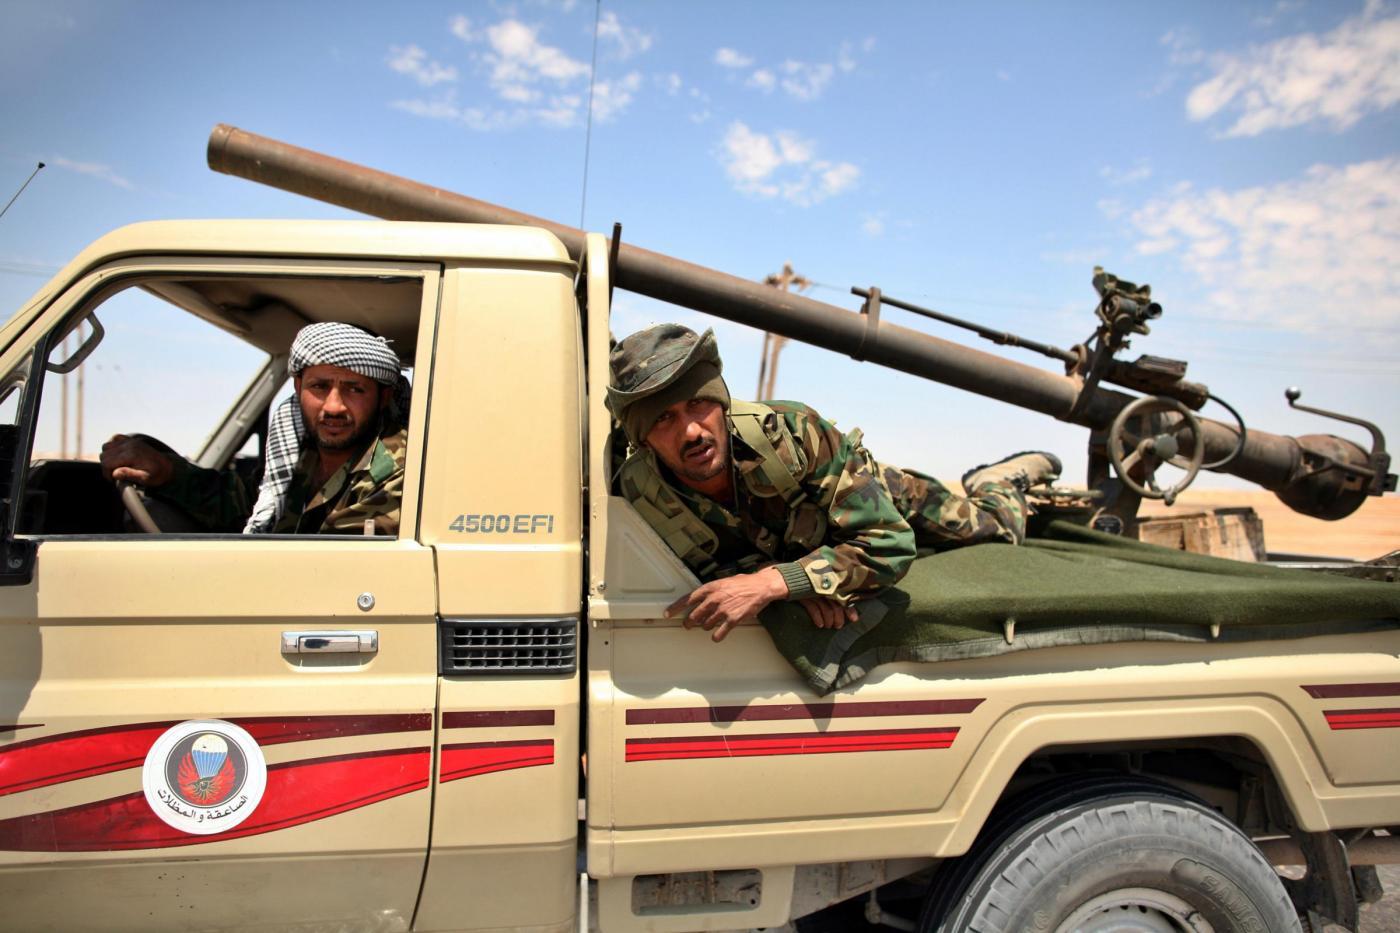 Cosa sta succedendo in Libia 2014? In questi giorni sarà istituito l'emirato islamico di Bengasi